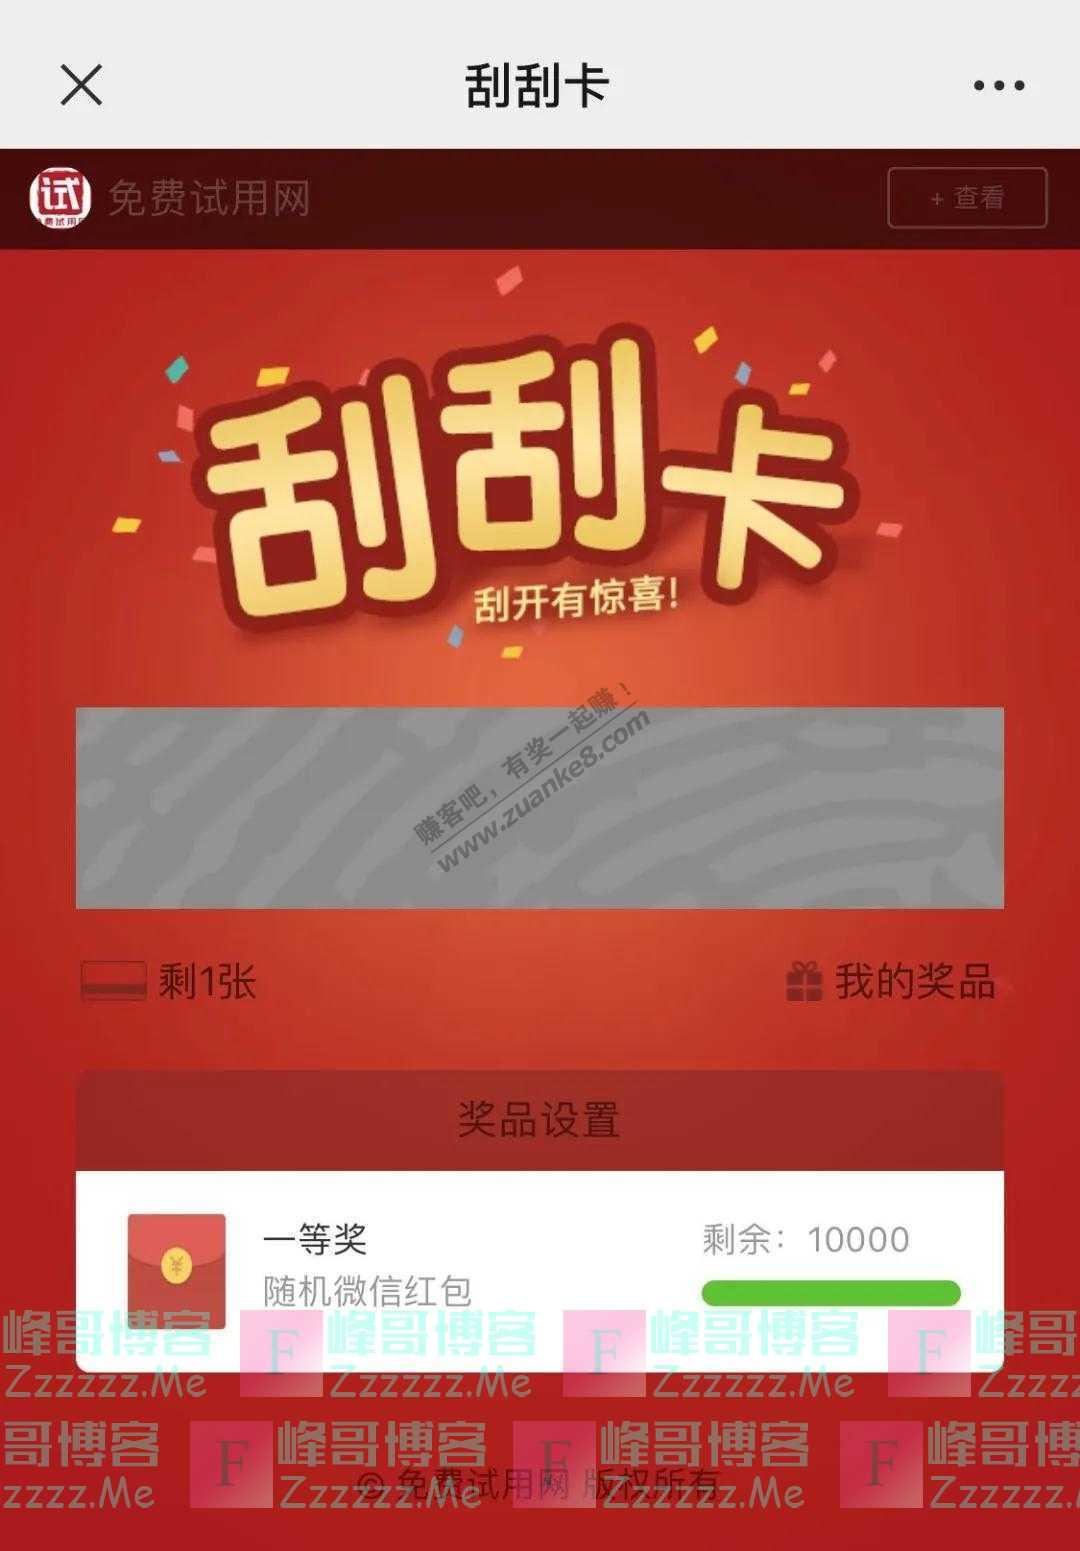 免费试用网10000个随机微信红包(截止不详)